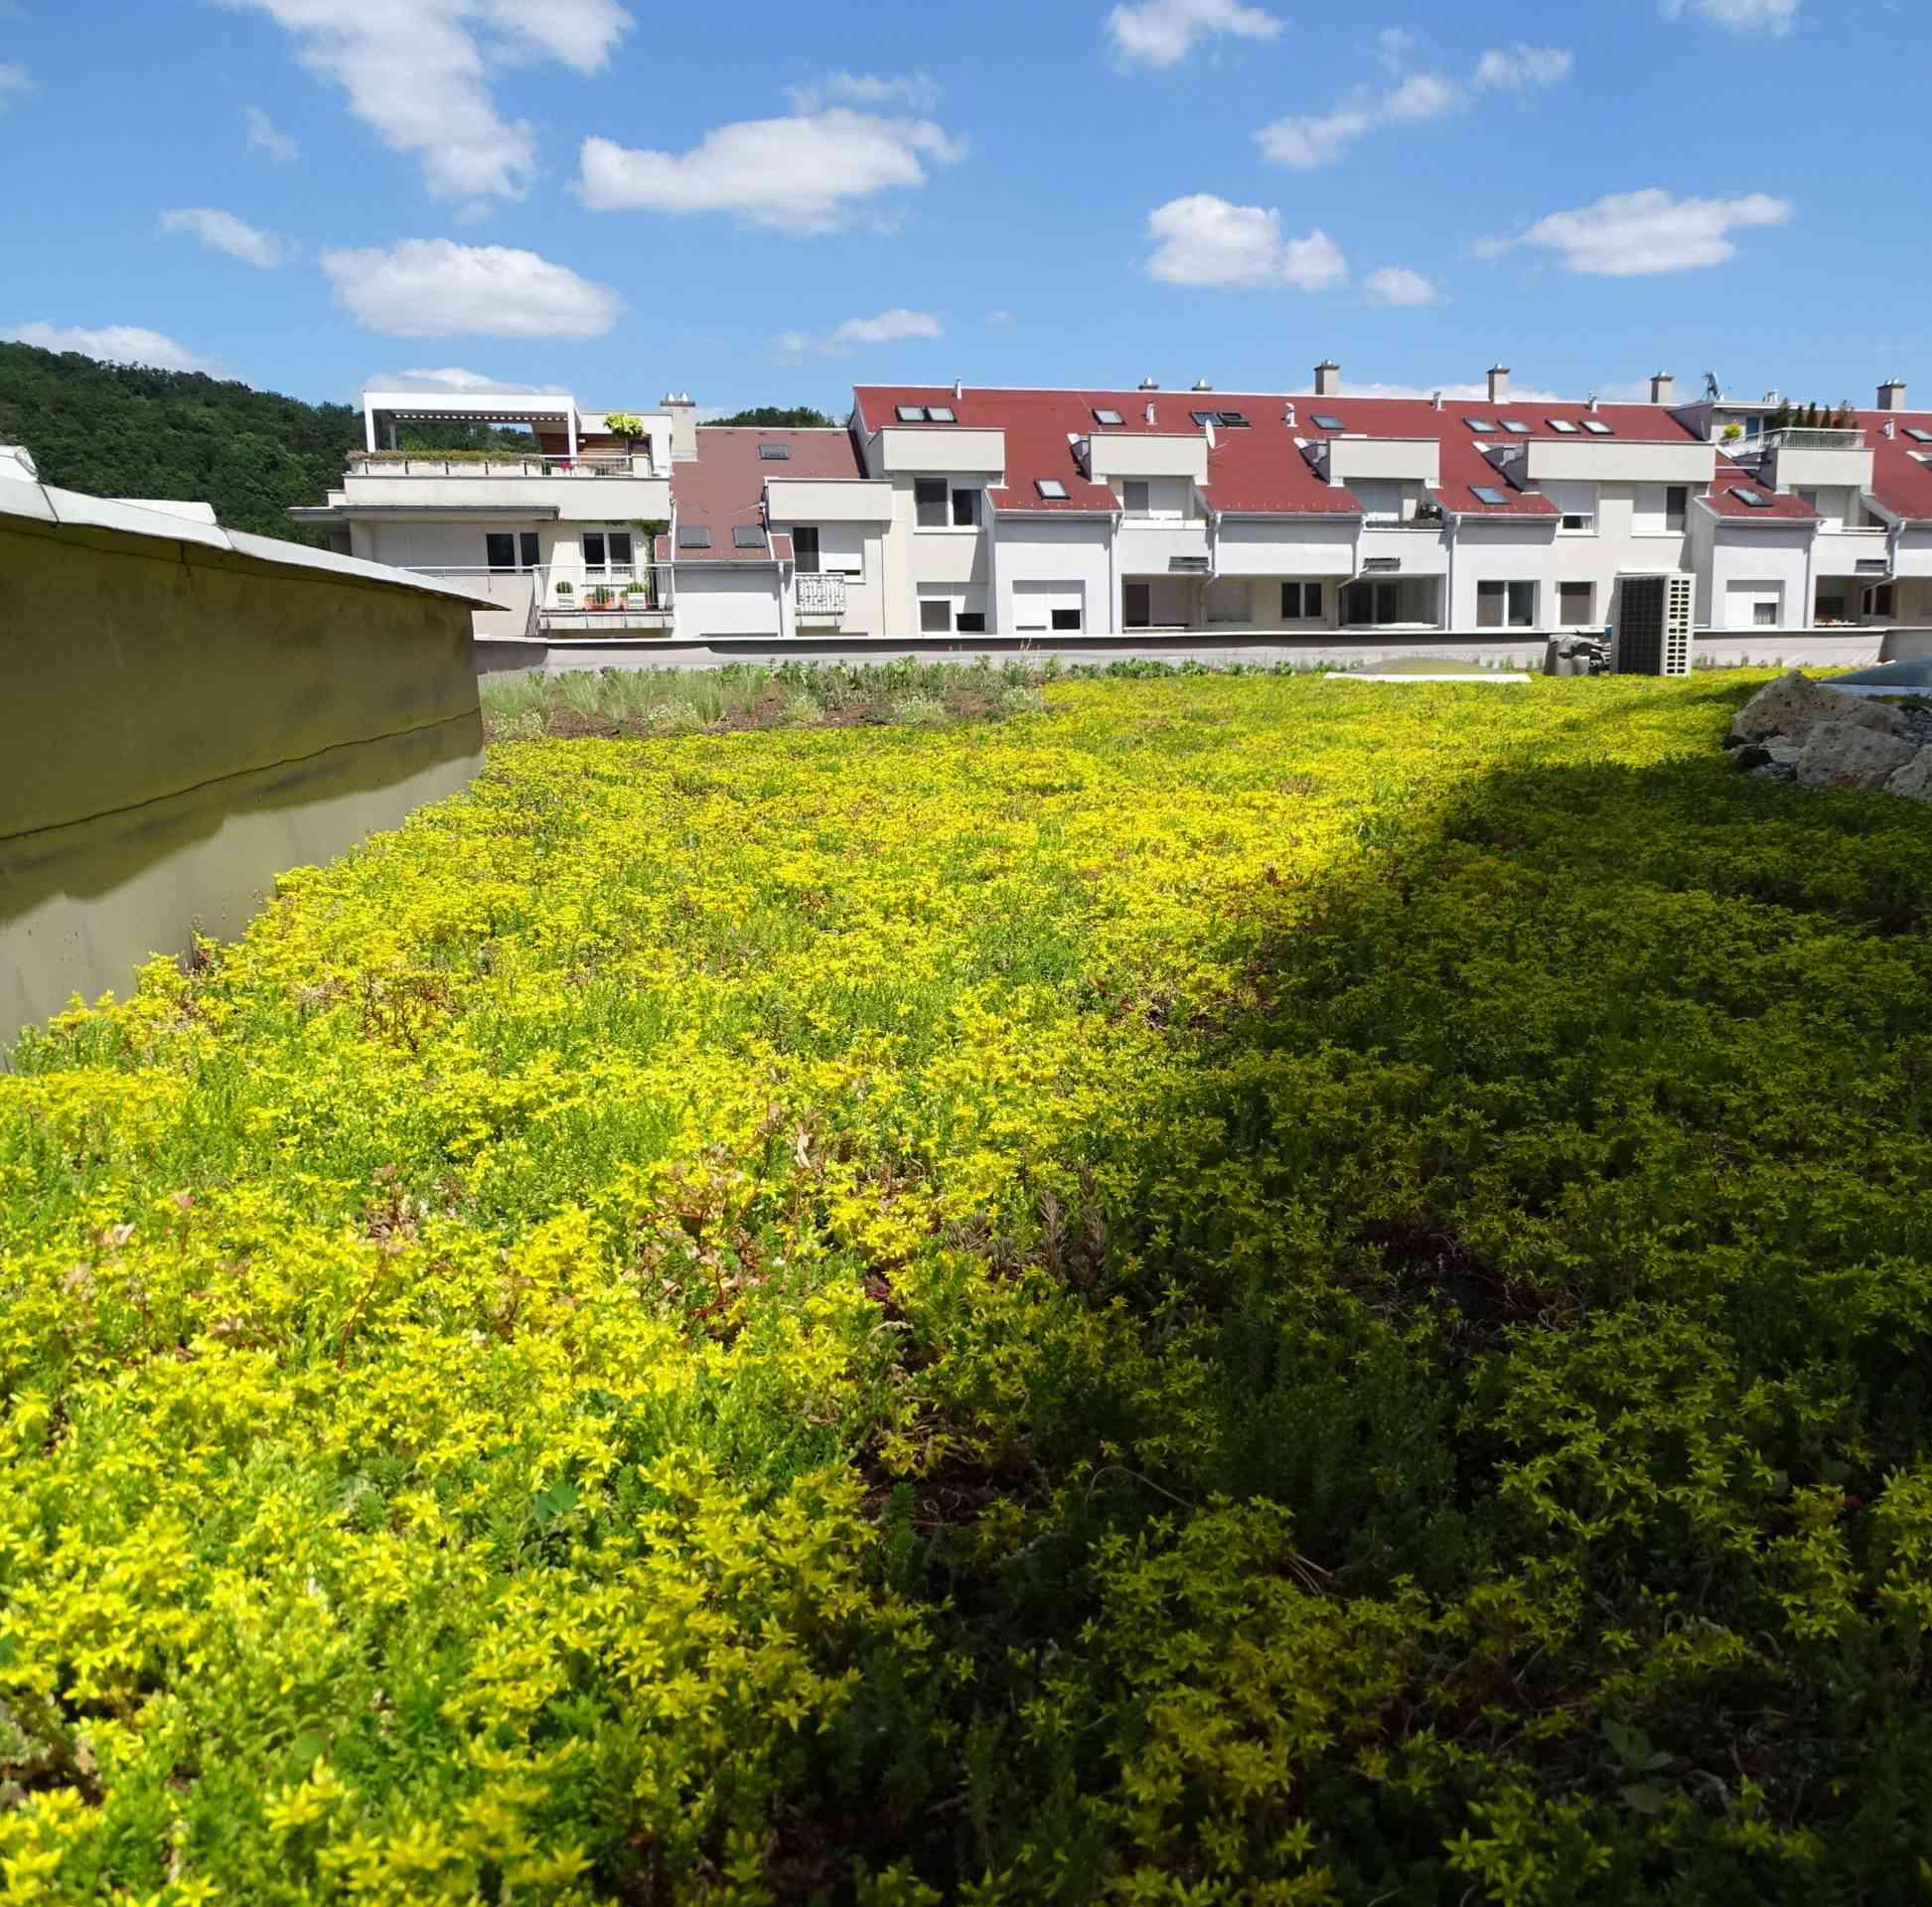 Návštevníkov úradu v Karlovej Vsi poteší priekopnícka zelená strecha